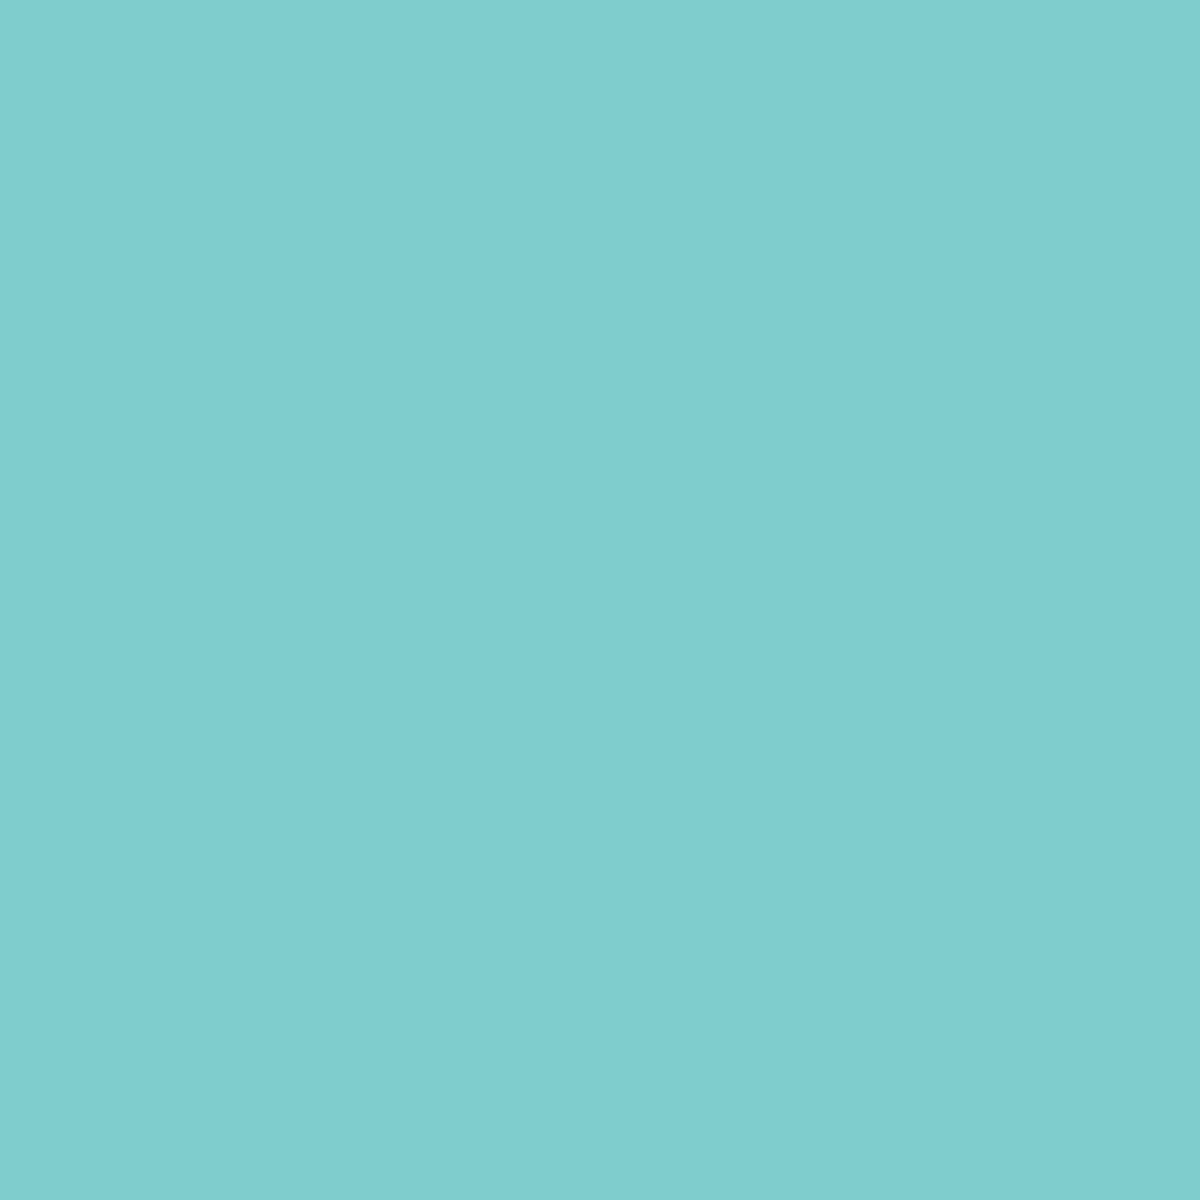 Aqua-Sky